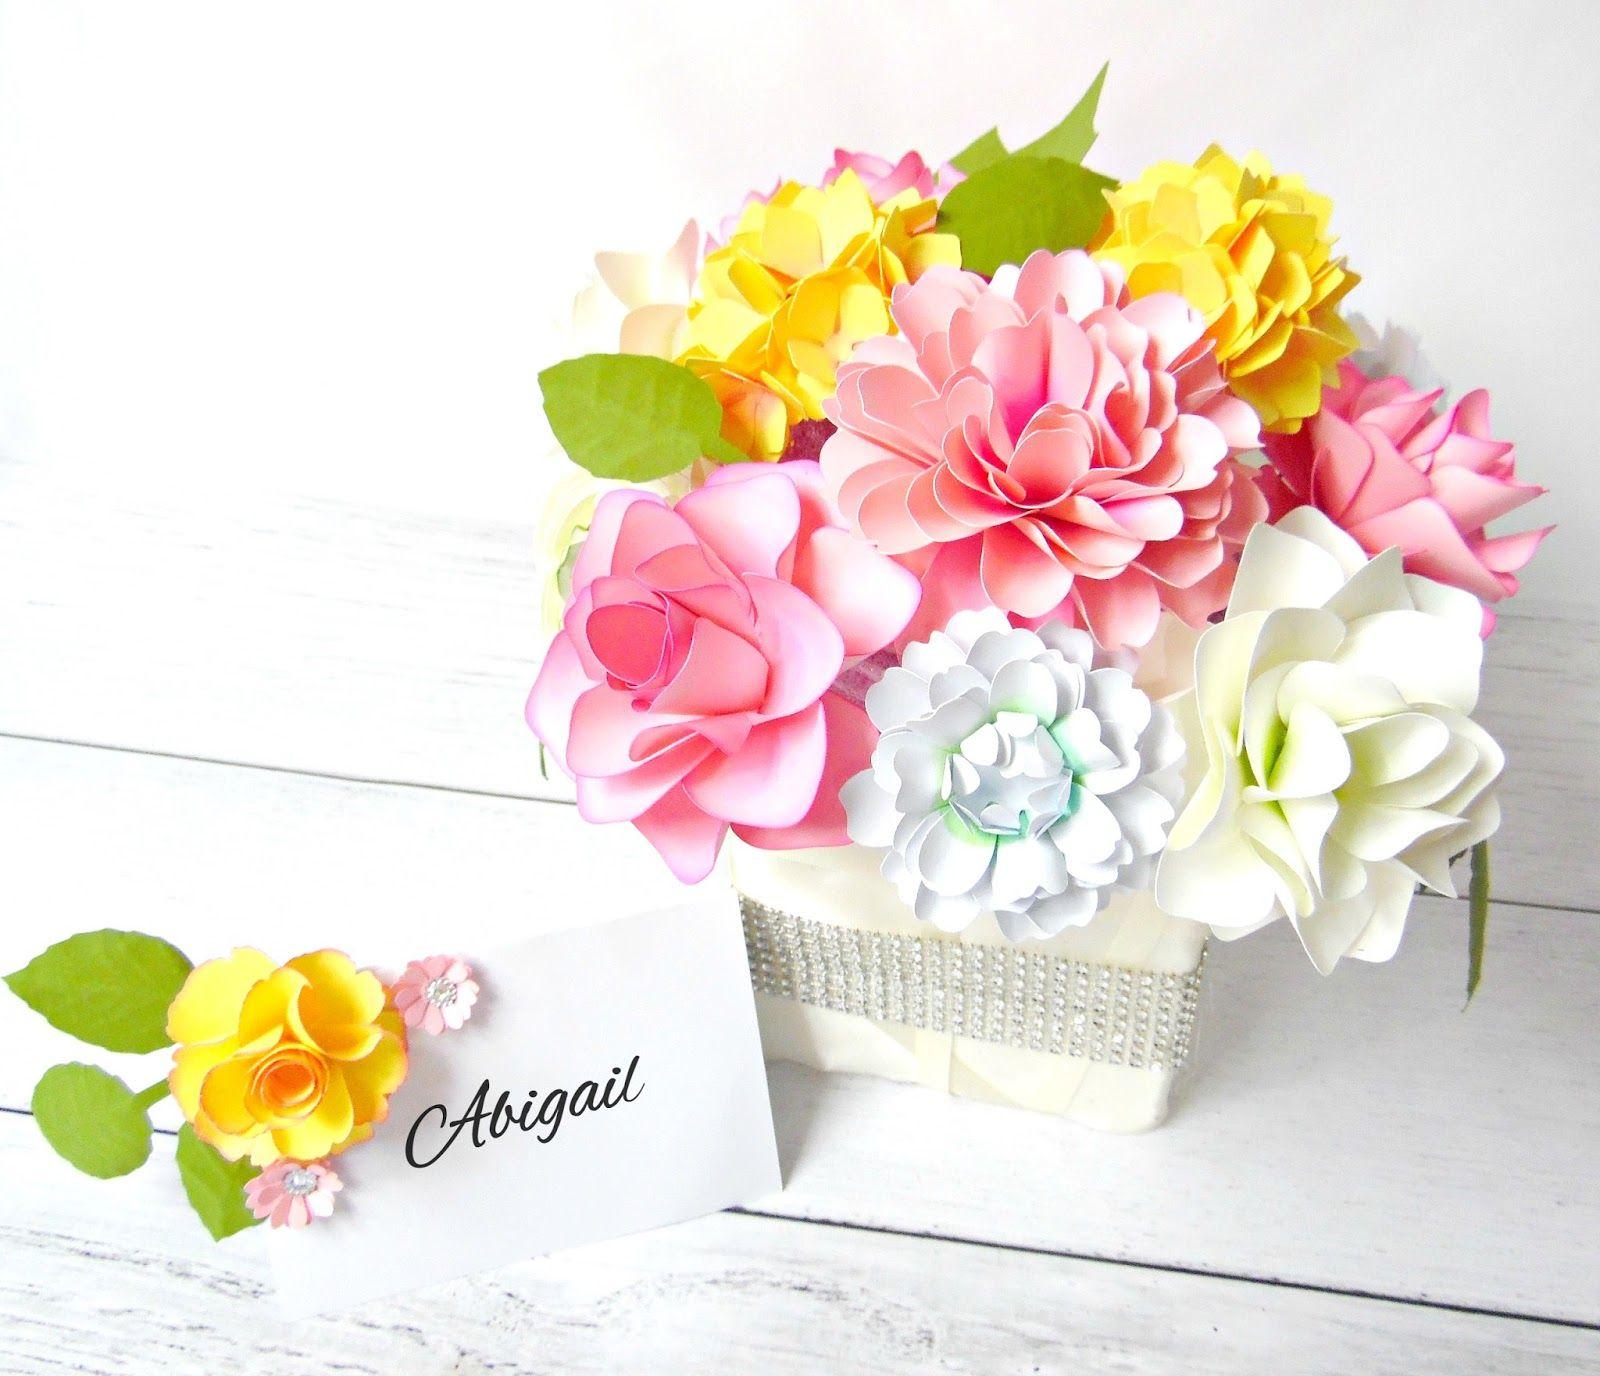 Diy Paper Floral Centerpiece Wedding Centerpieces Centerpieces